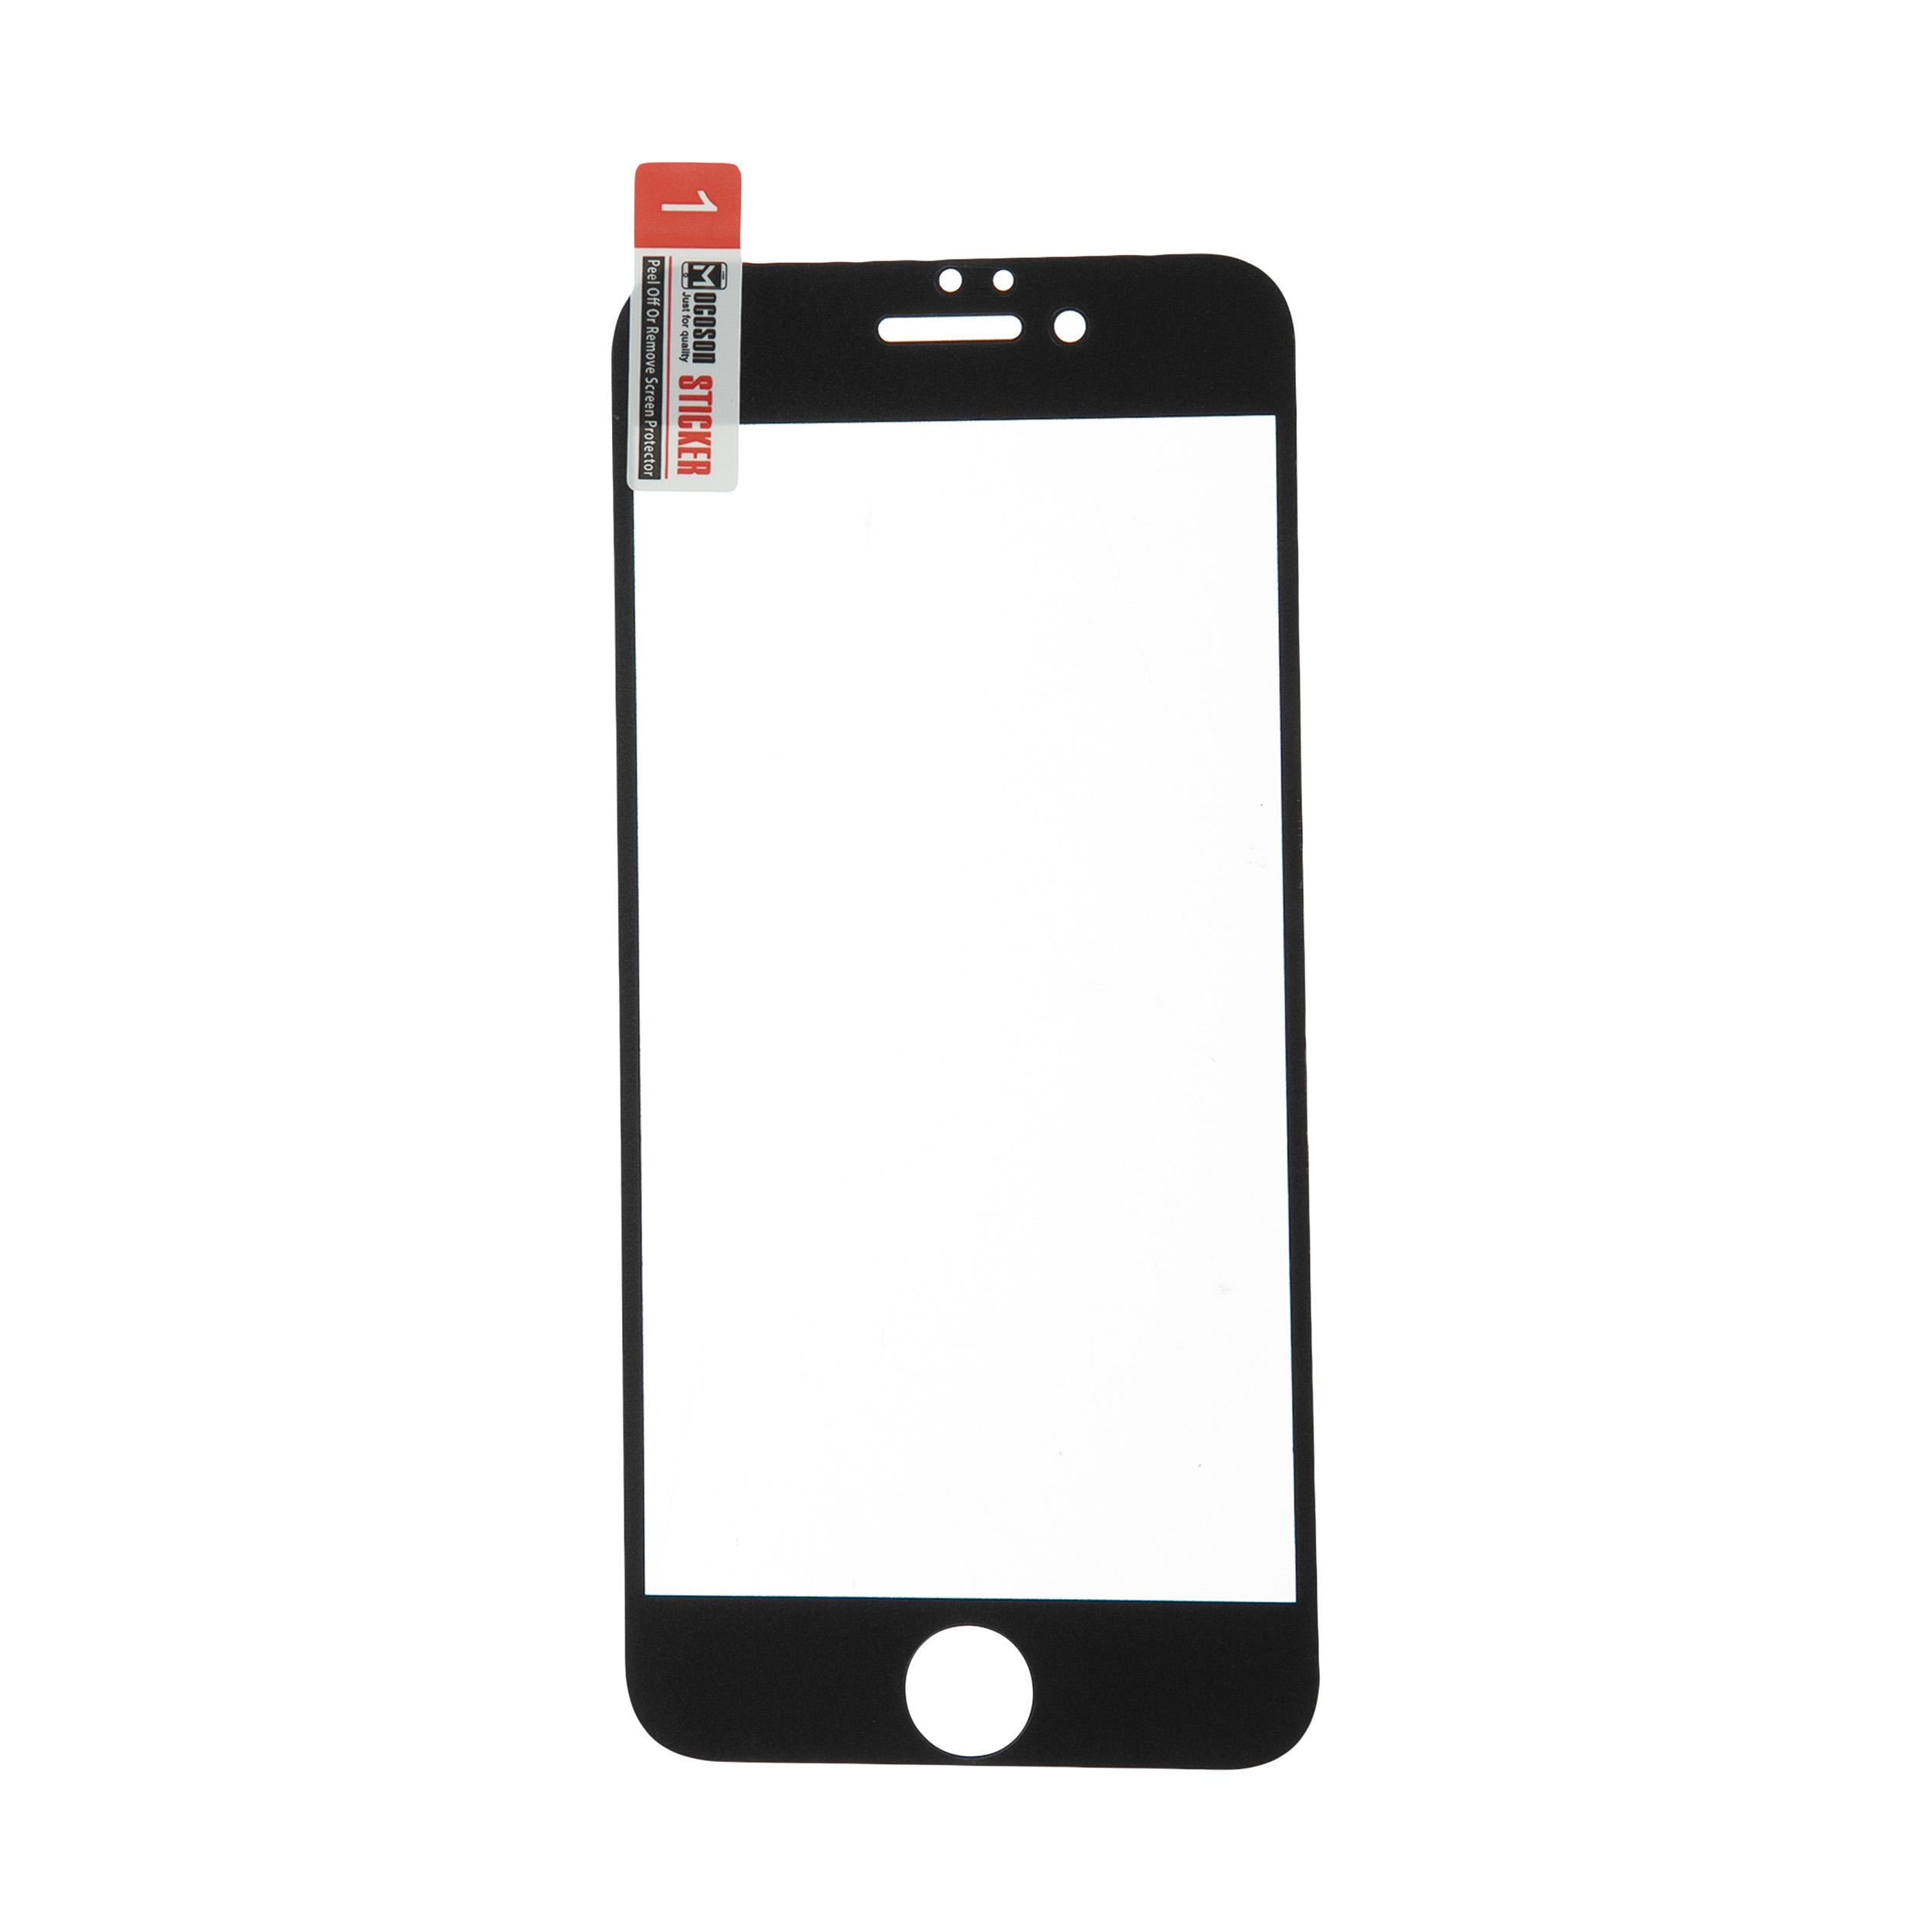 محافظ صفحه نمایش اوکوسون مدل 3245 مناسب برای گوشی موبایل اپل iPhone 6